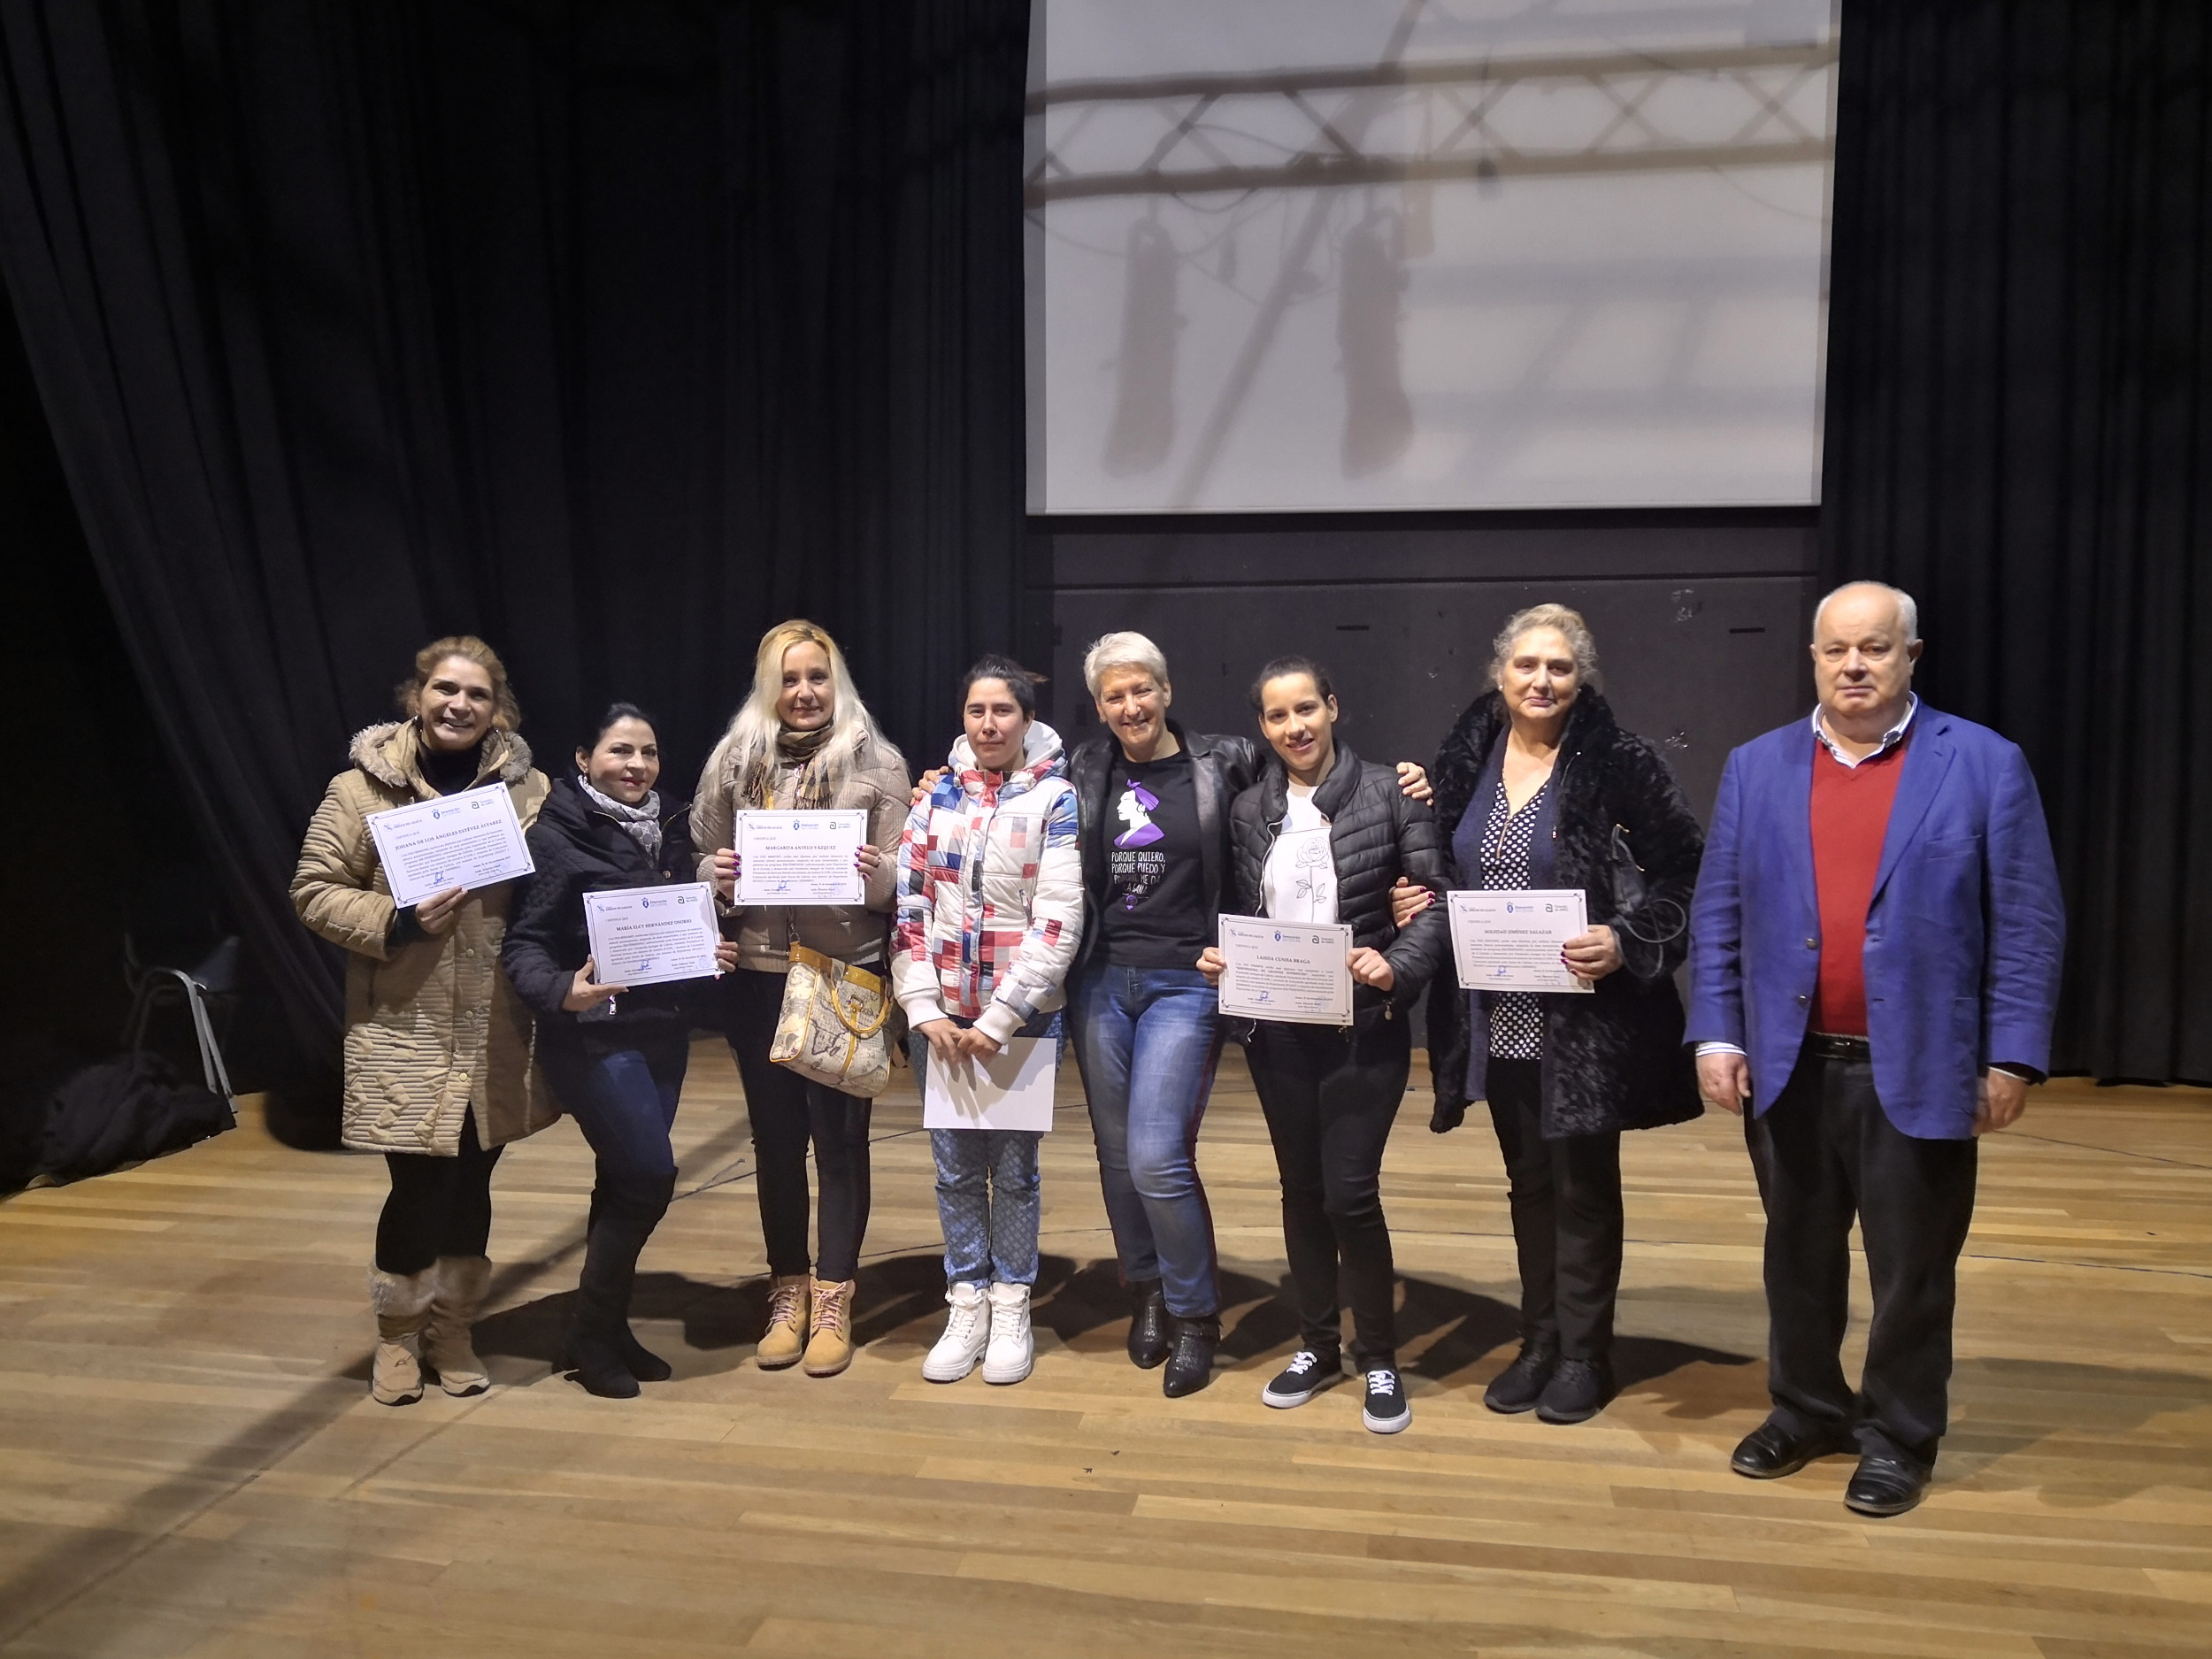 Imaxe da entrega de diplomas ás mulleres que participaron no programa Em-Femenino